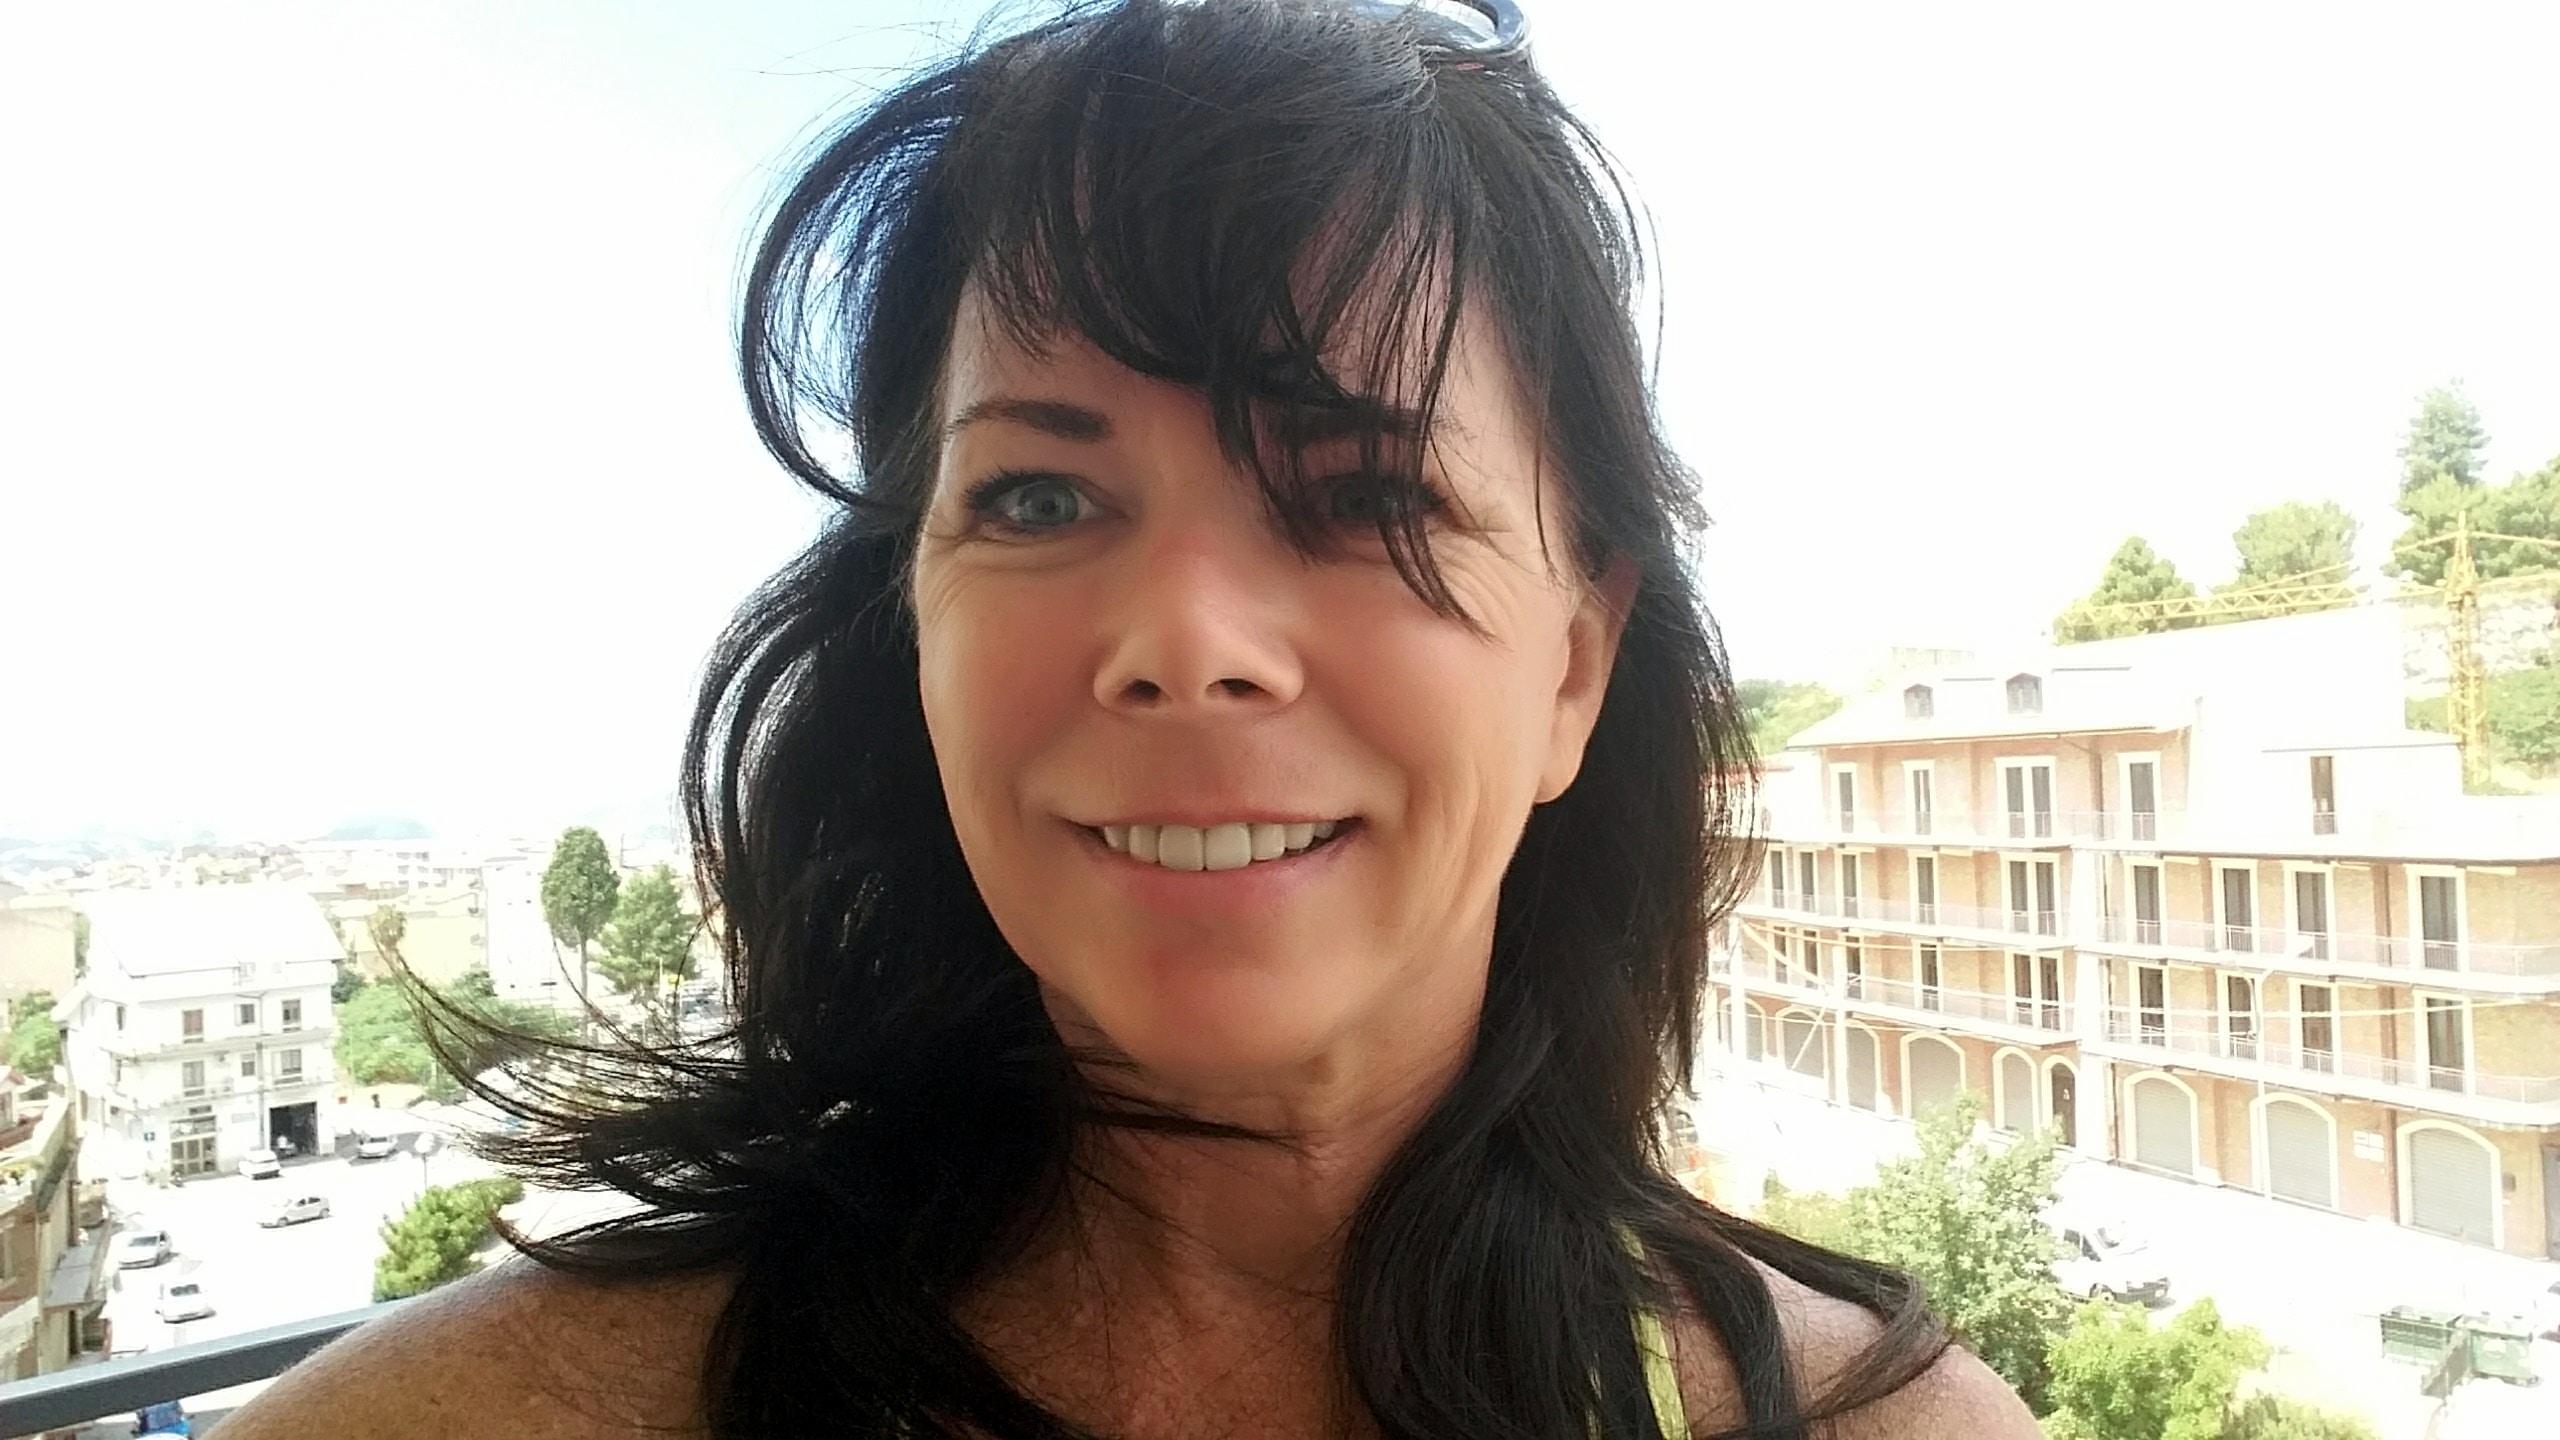 Go to Karen Gervasi's profile